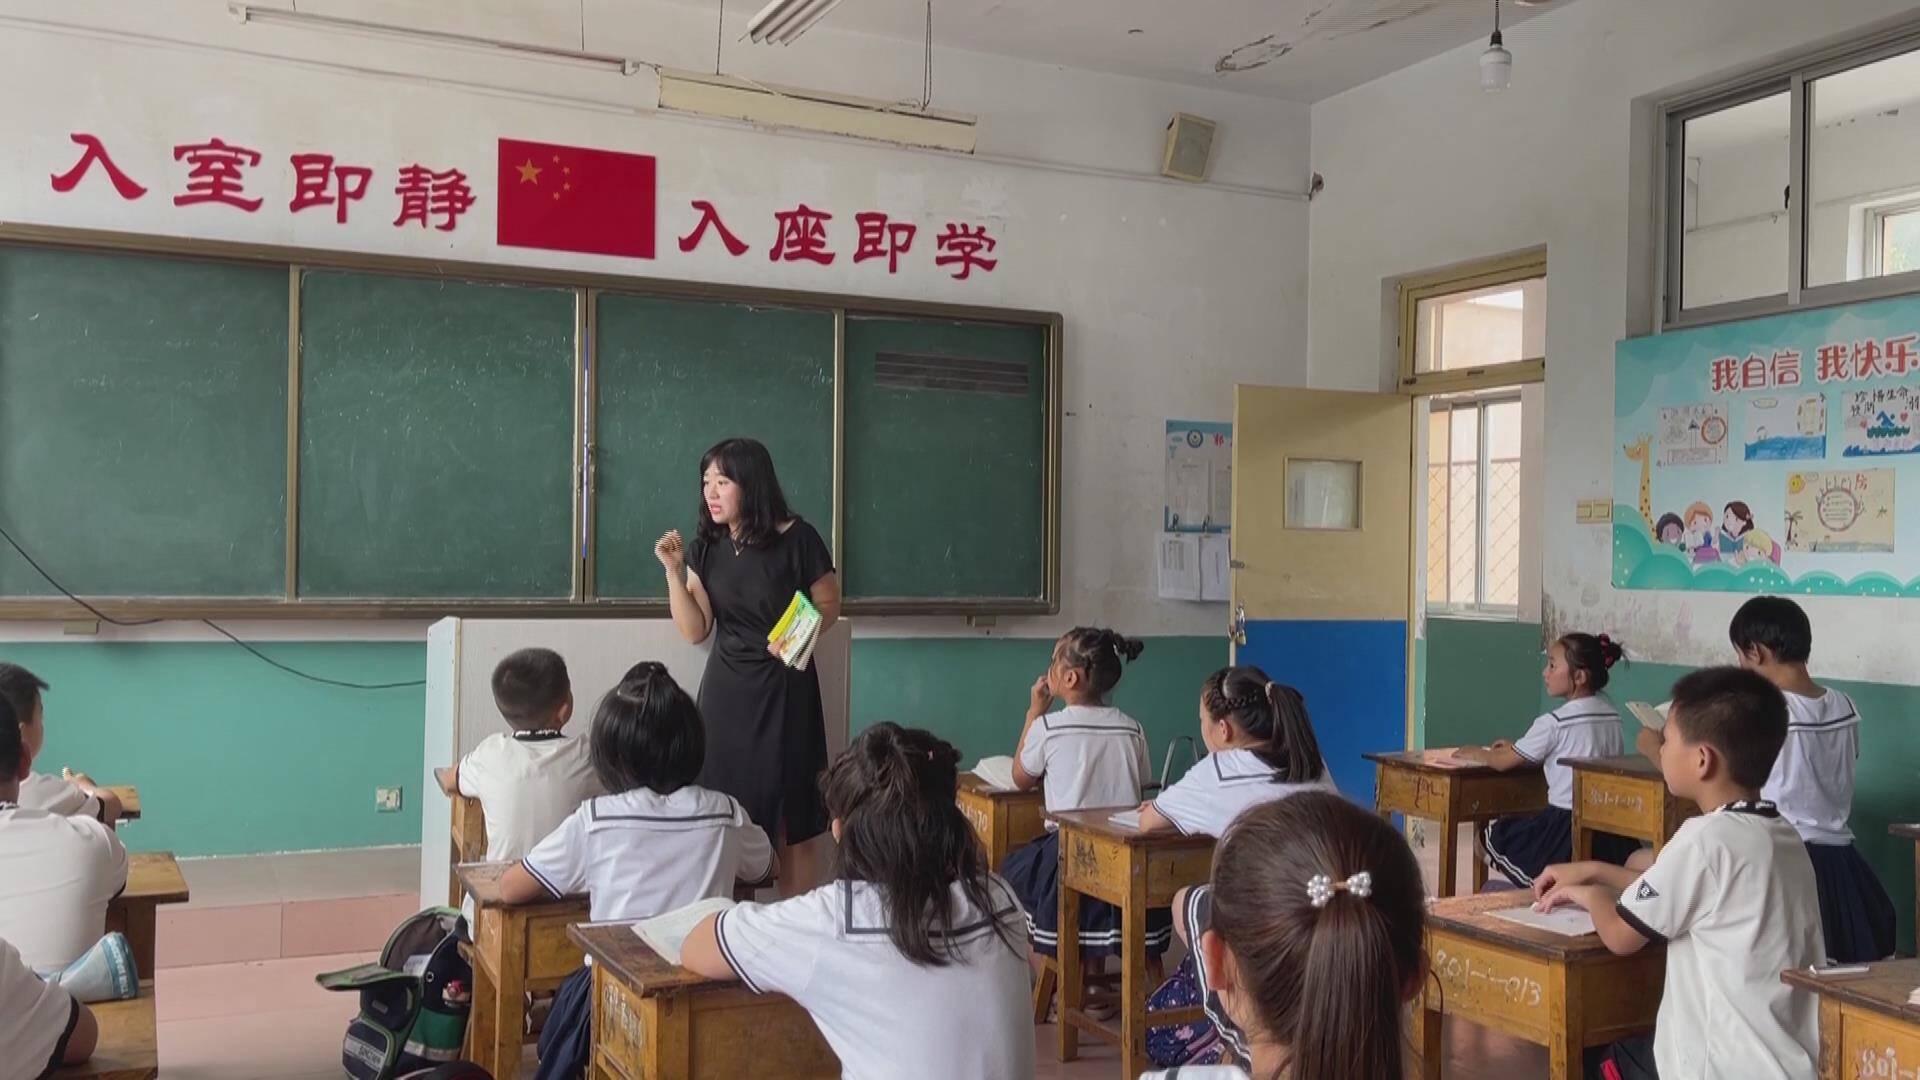 """德州最美教师刘丽君:首创""""刺猬教学法"""",以青春之名点亮农村学生未来"""